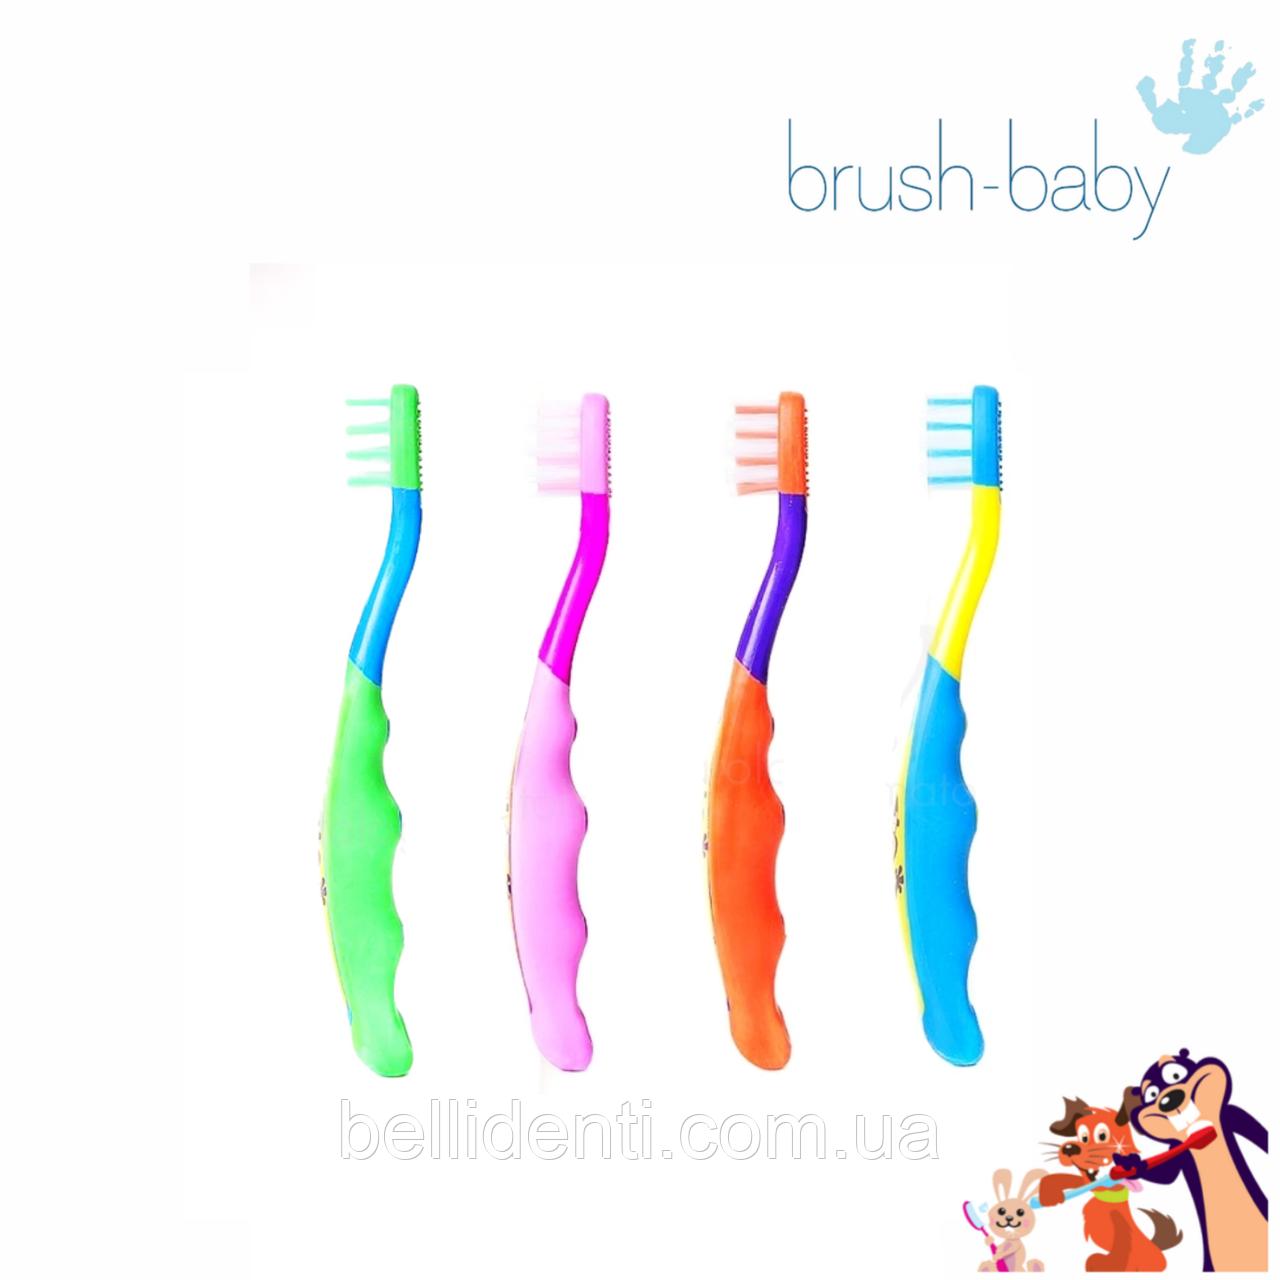 Зубная щетка Brush Baby FlossBrush, (от 3-6 лет)